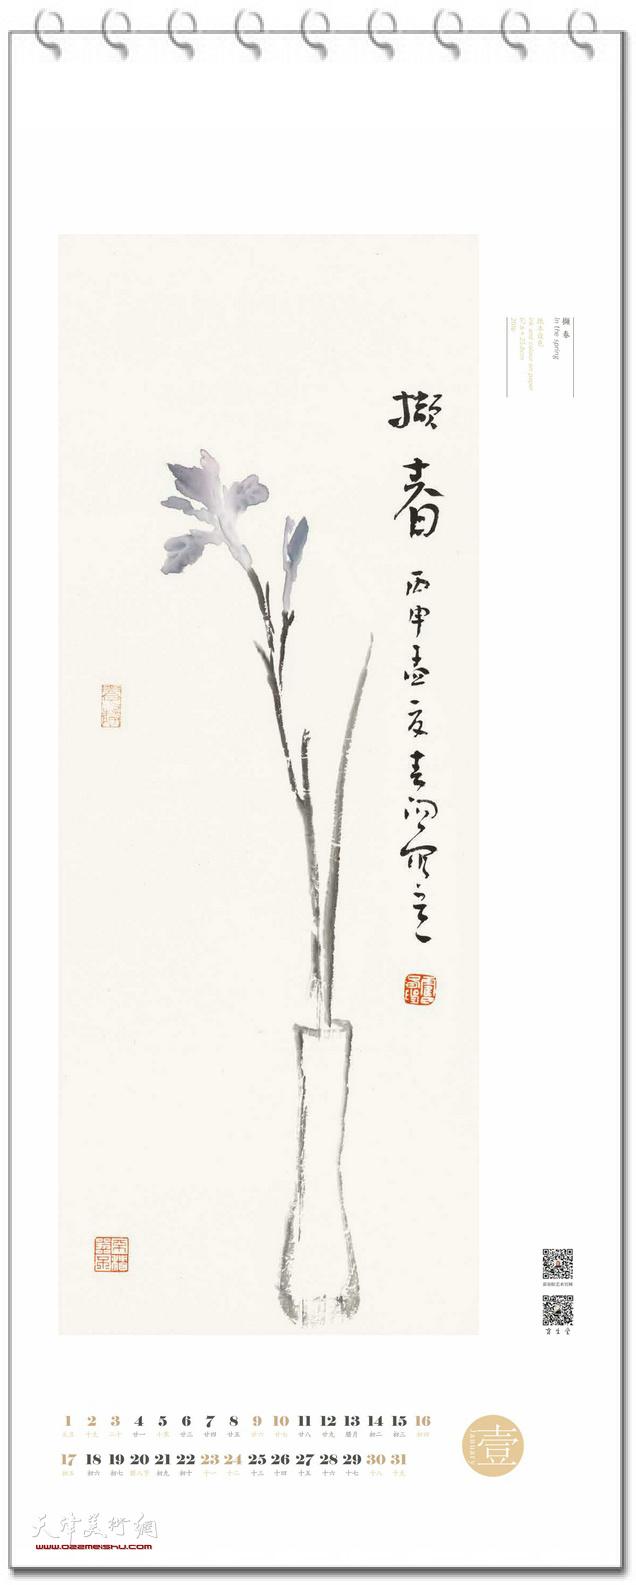 只见其清,方见竹品——霍春阳2021农历辛丑年吉祥如意年历 一月